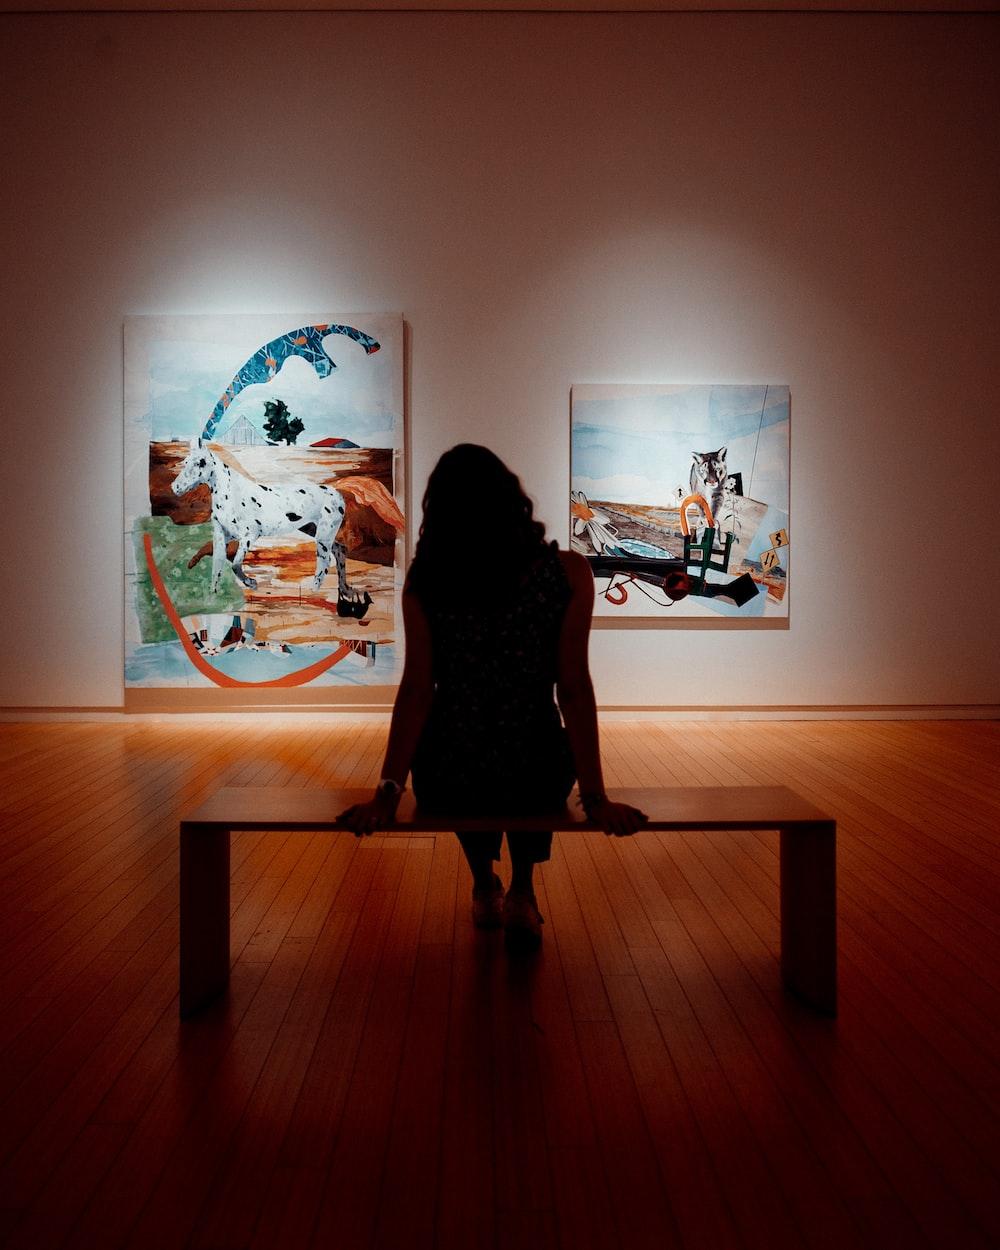 woman in black dress standing on brown wooden floor